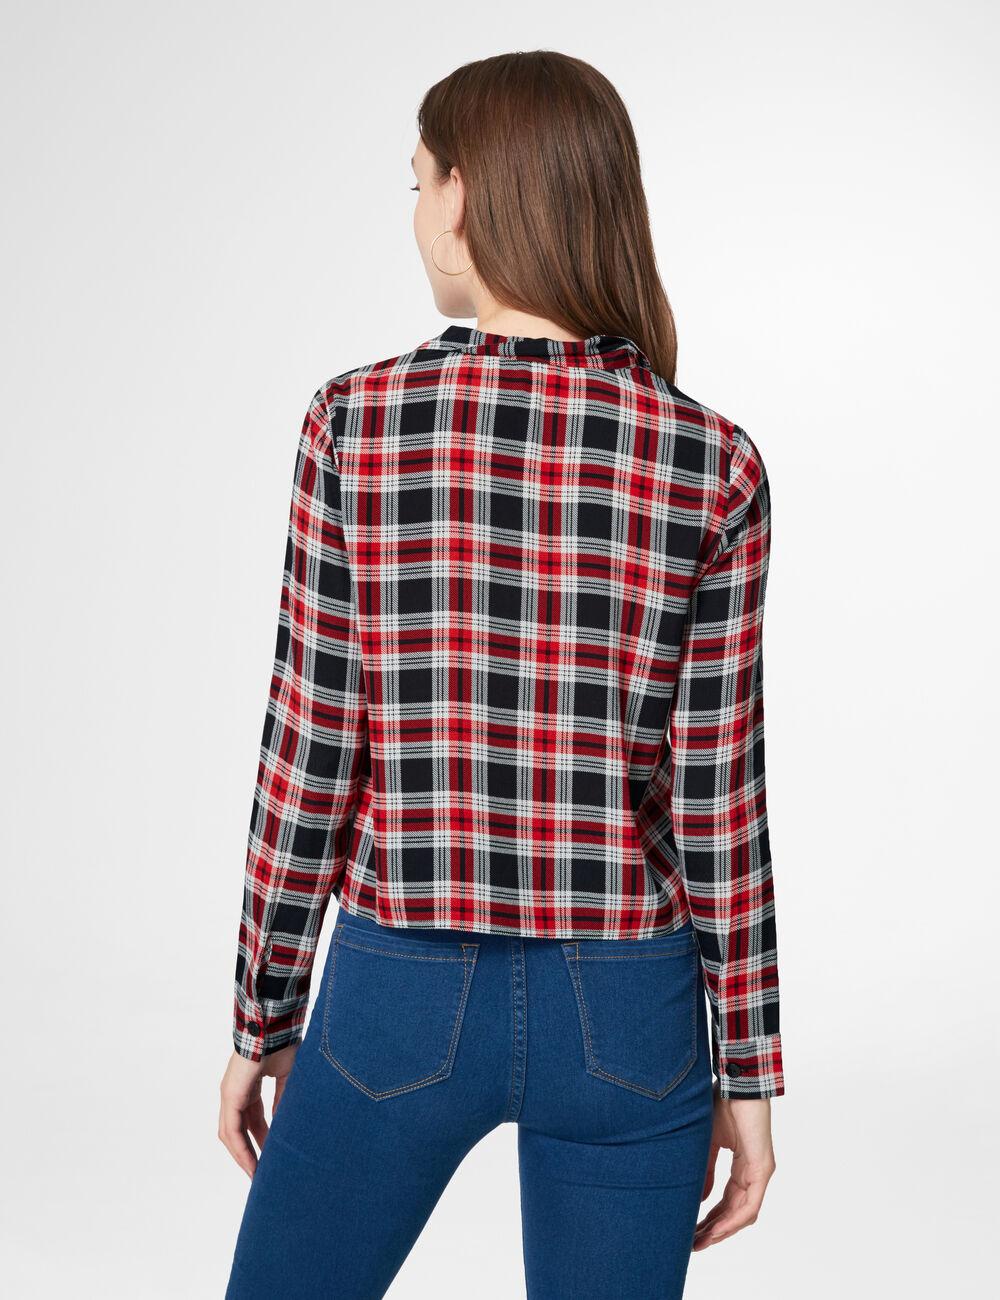 Chemise à carreaux rouge et noir femme • Jennyfer b21b4d3c2d6b